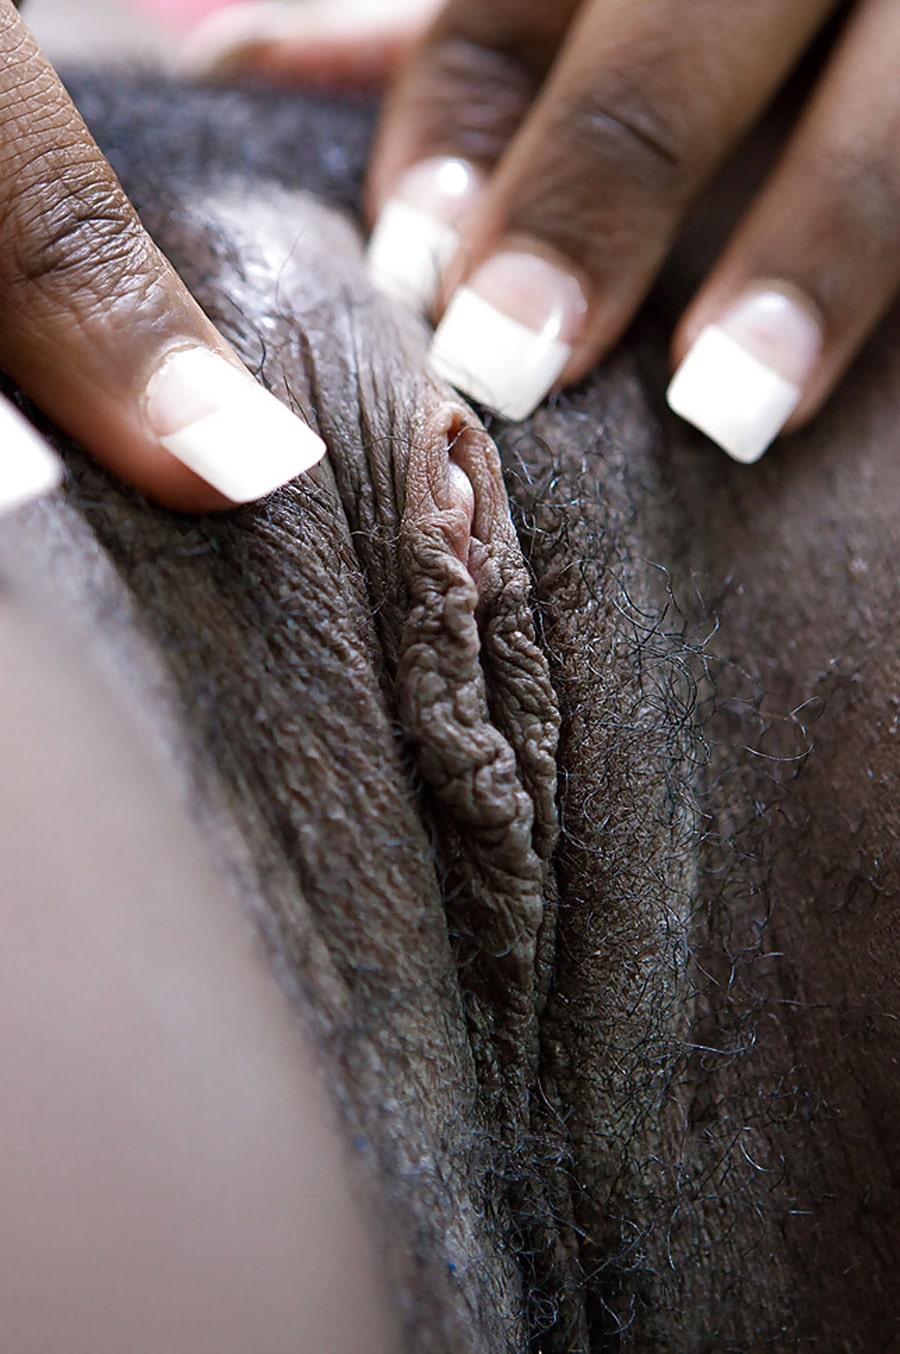 rousse gros seins escort black